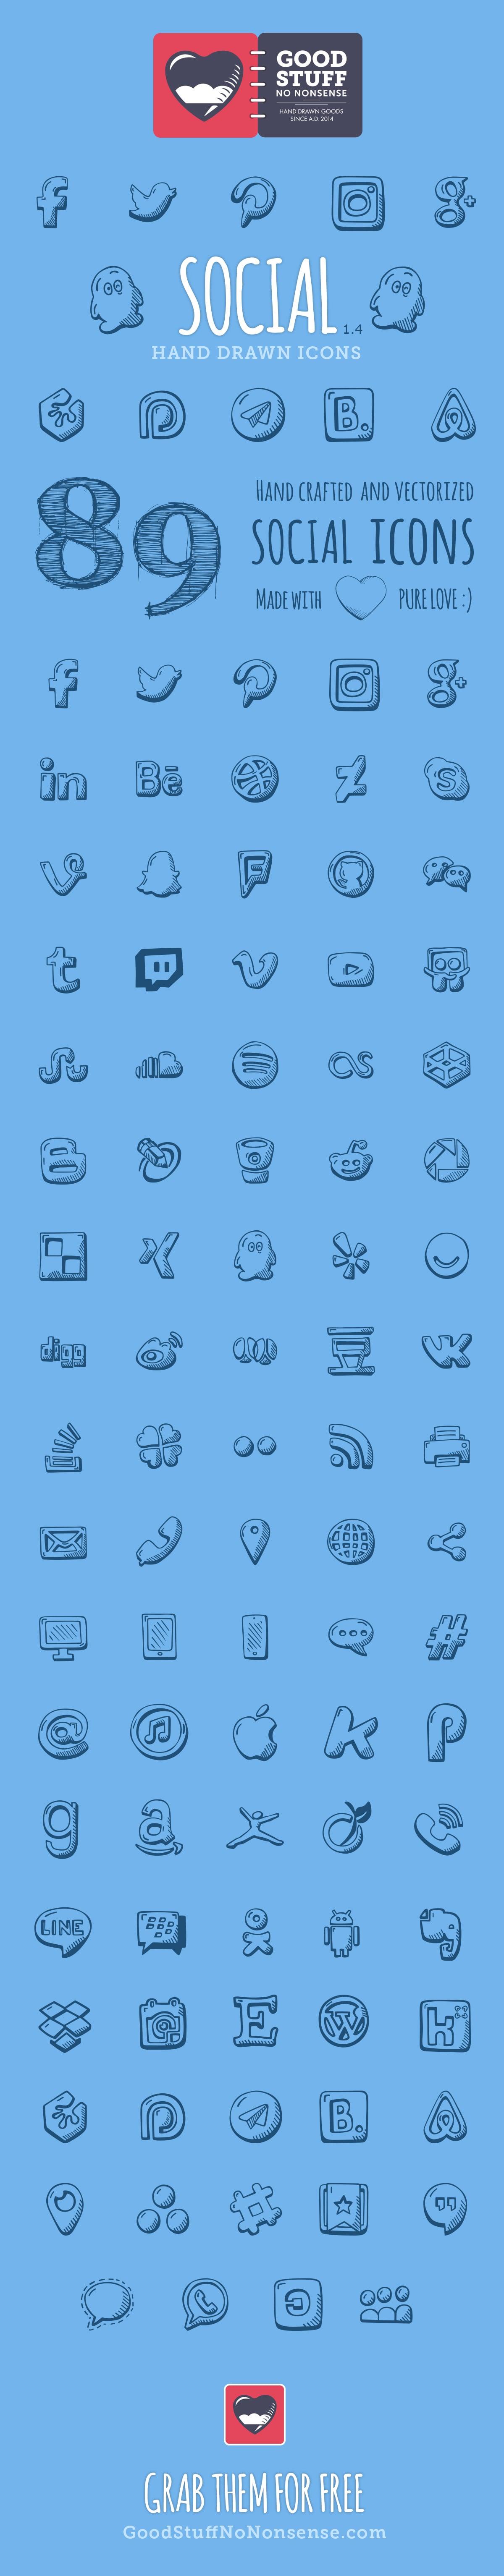 Free Social Media Icons - Hand Drawn Icons